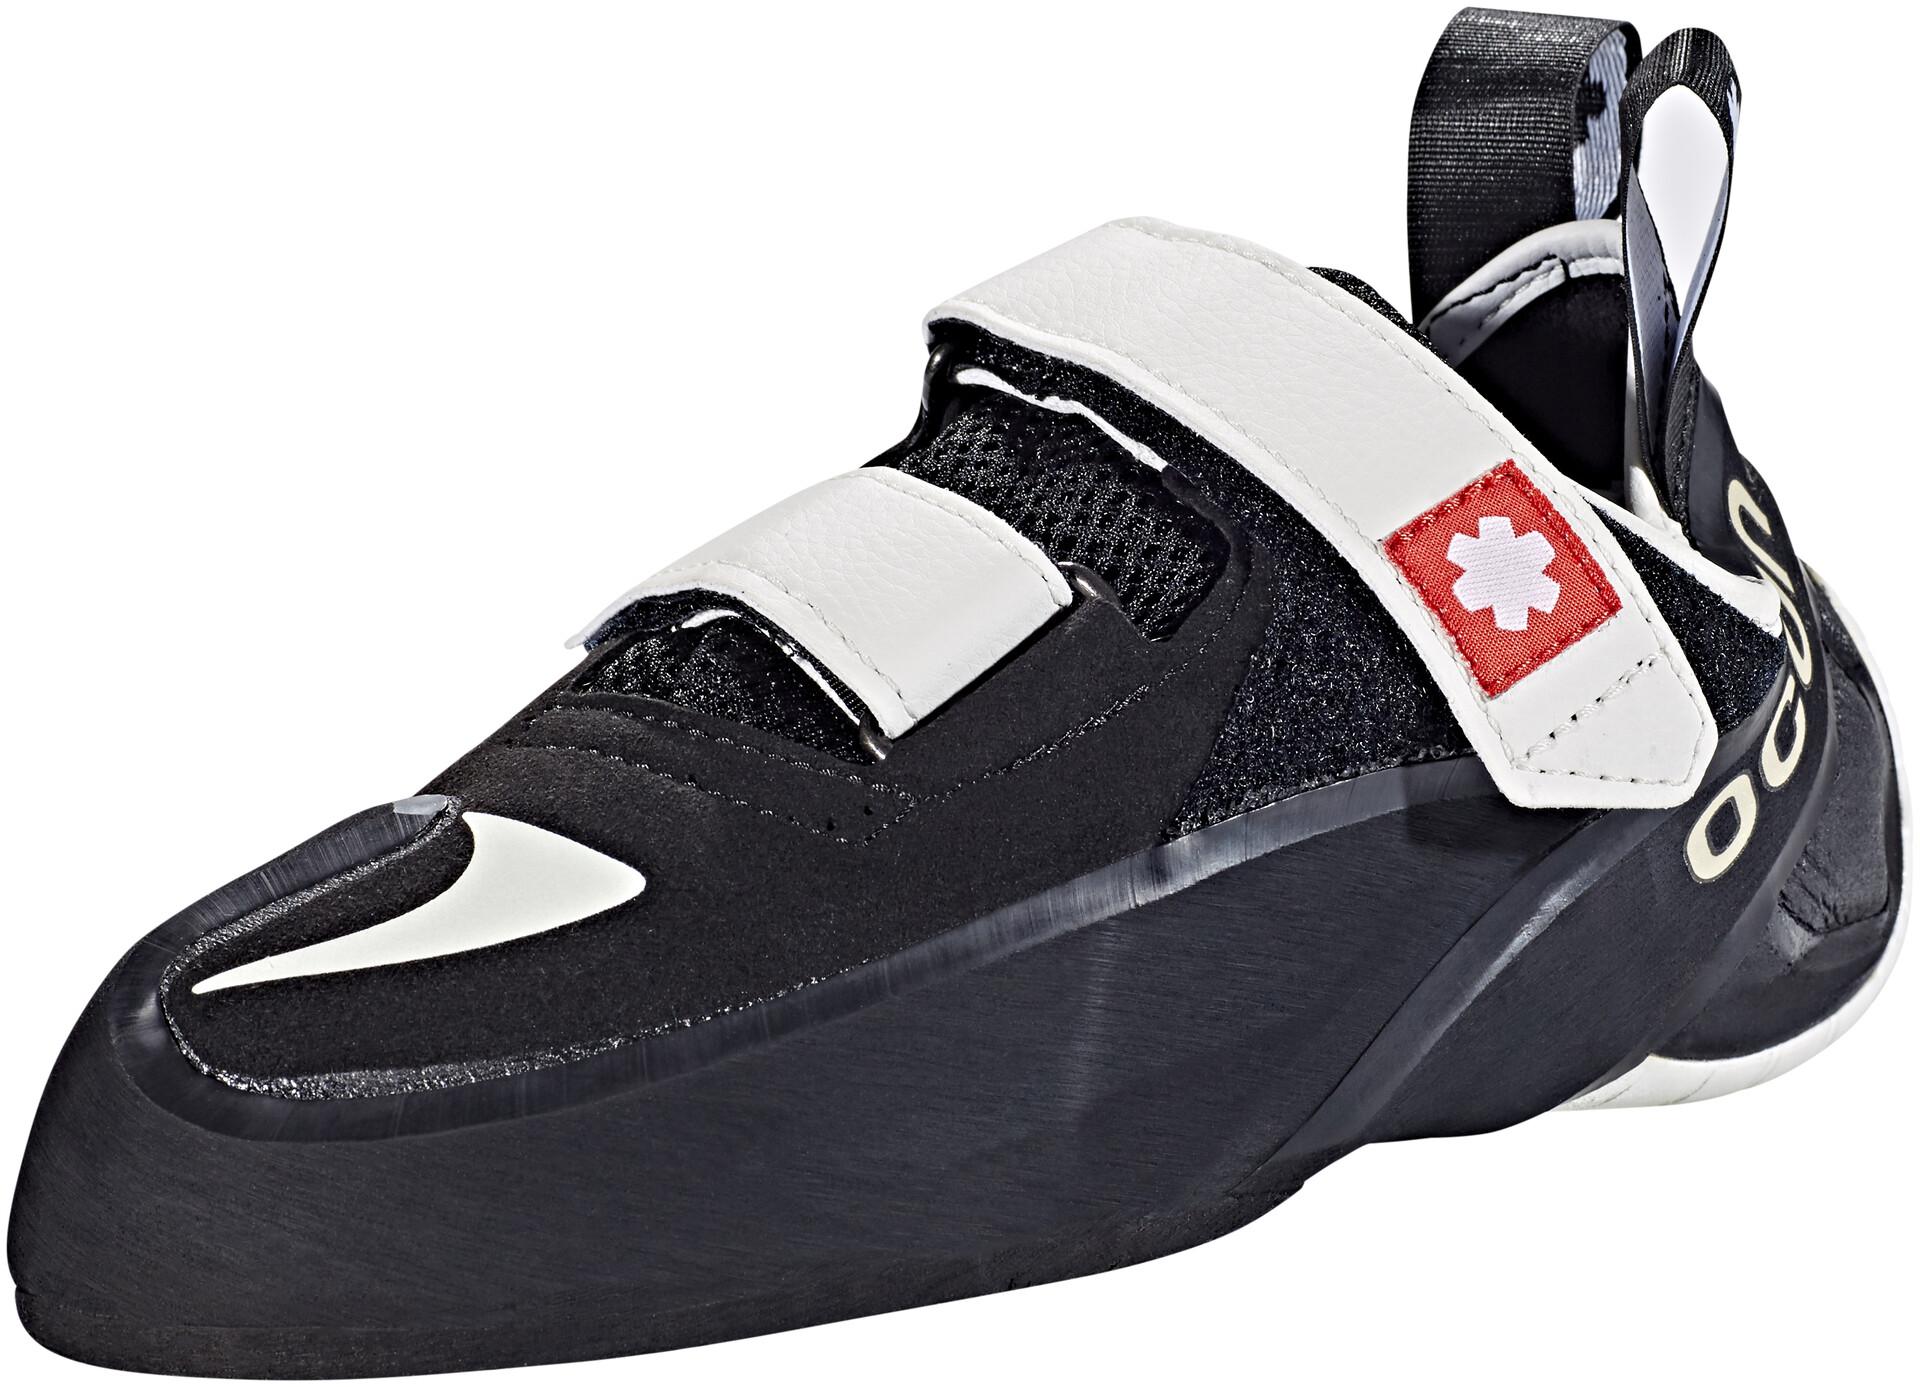 Ocun Klettergurt Test : Ocun rebel qc climbing shoes unisex campz